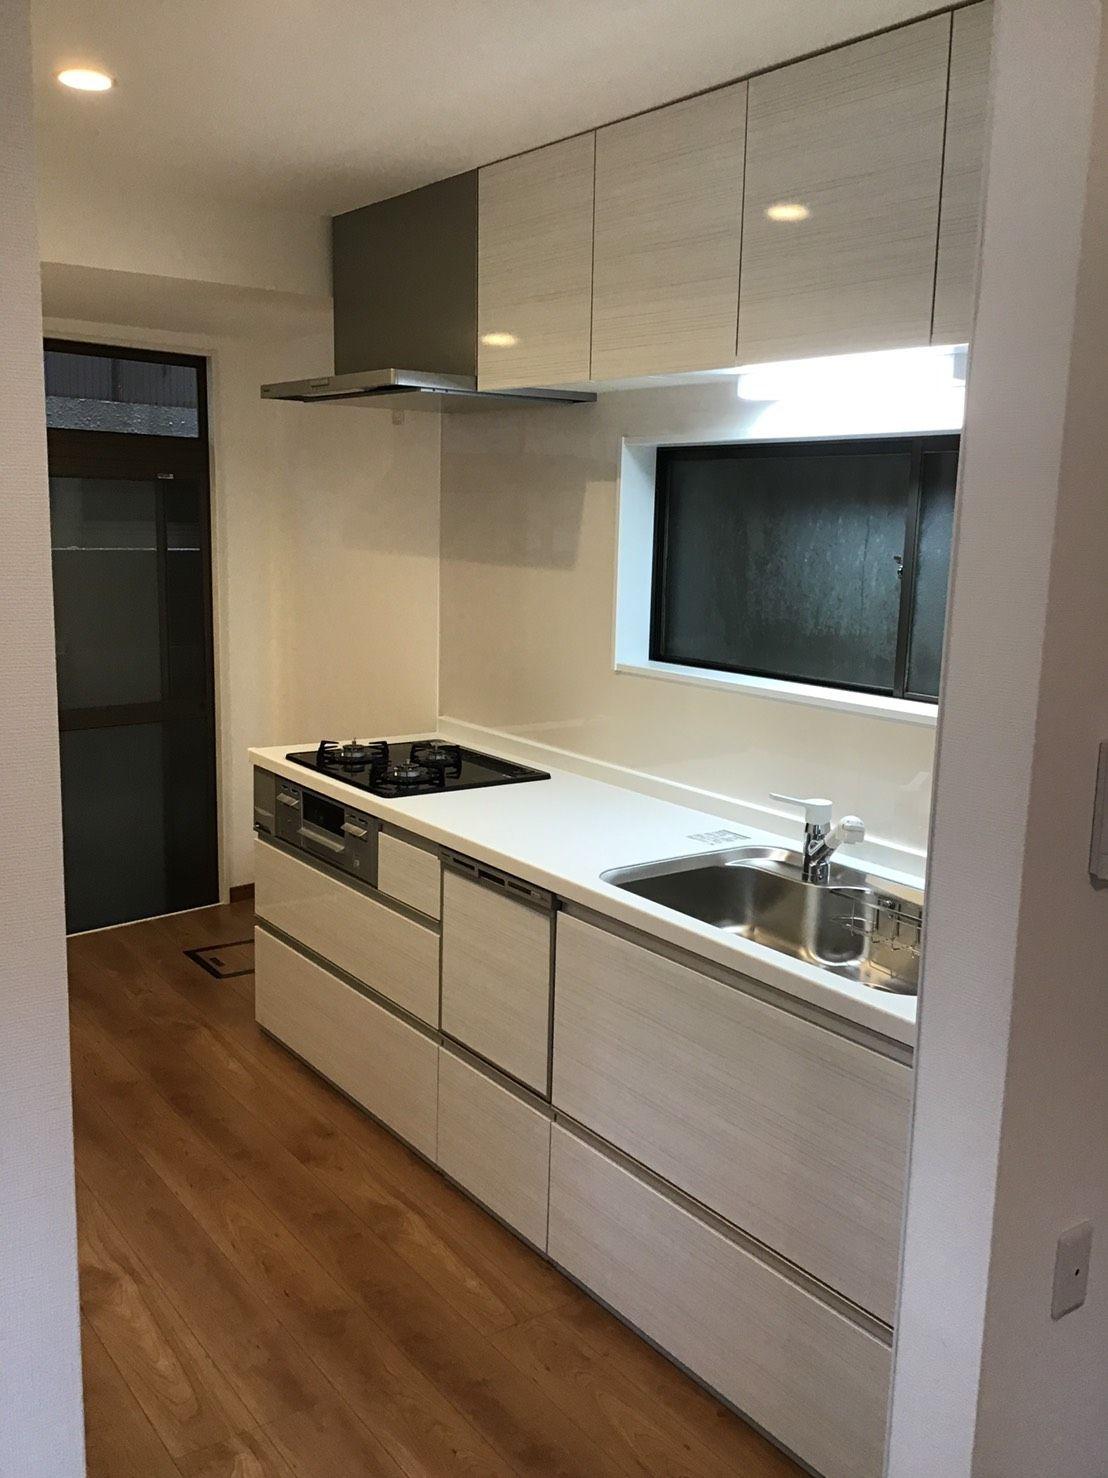 キッチン パナソニック Vスタイル アルベロホワイト キッチン フローリング キッチンデザイン